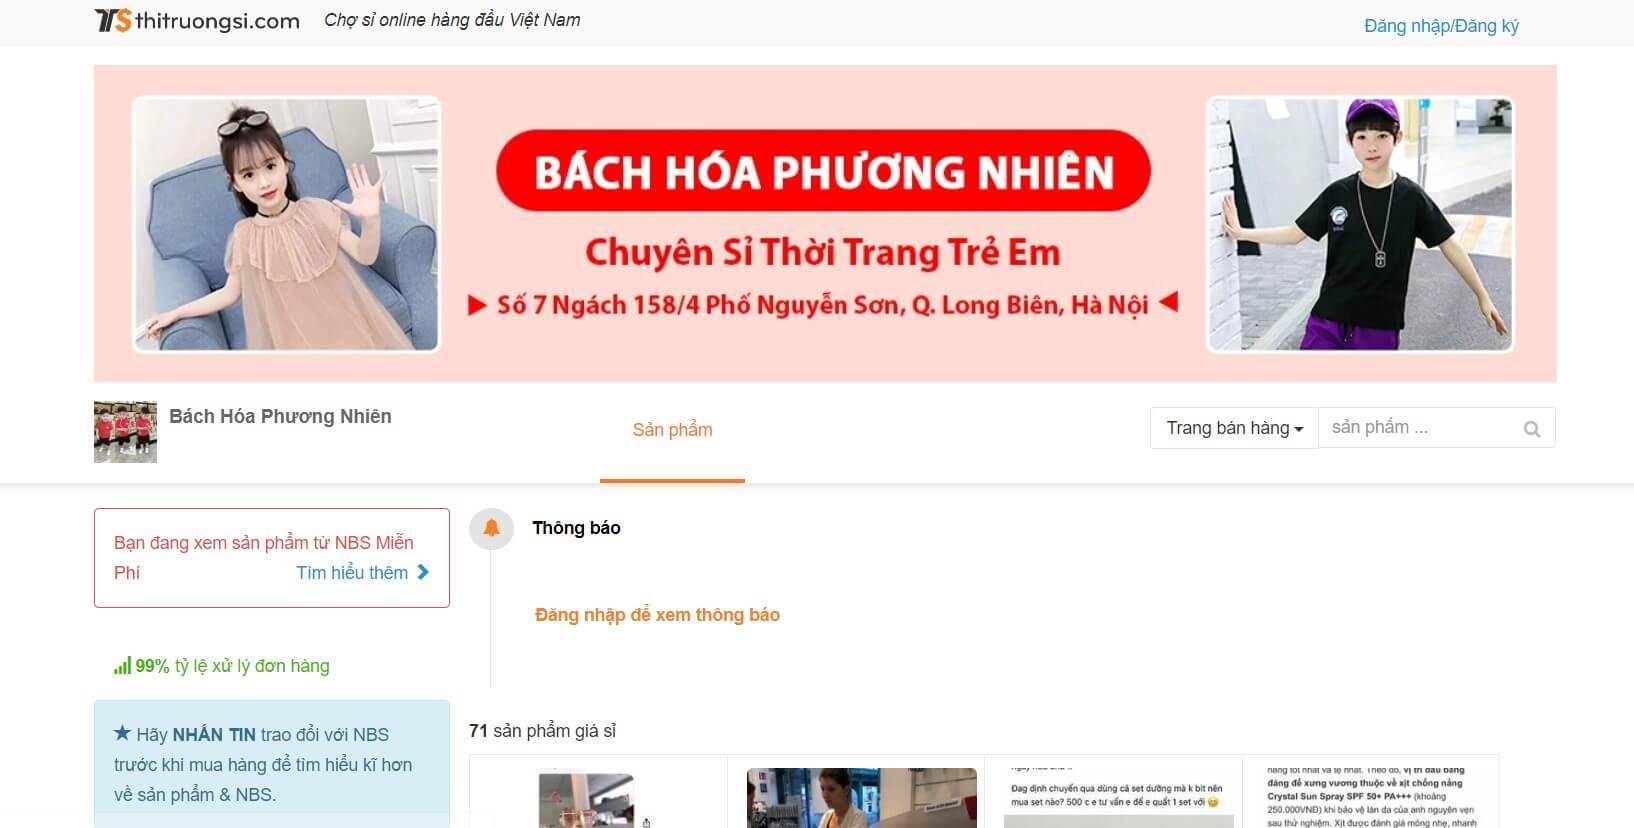 Hình ảnh của website thitruongsi.com/shop/bach-hoa-phuong-nhien | Lấy sỉ quần áo trẻ em giá tốt